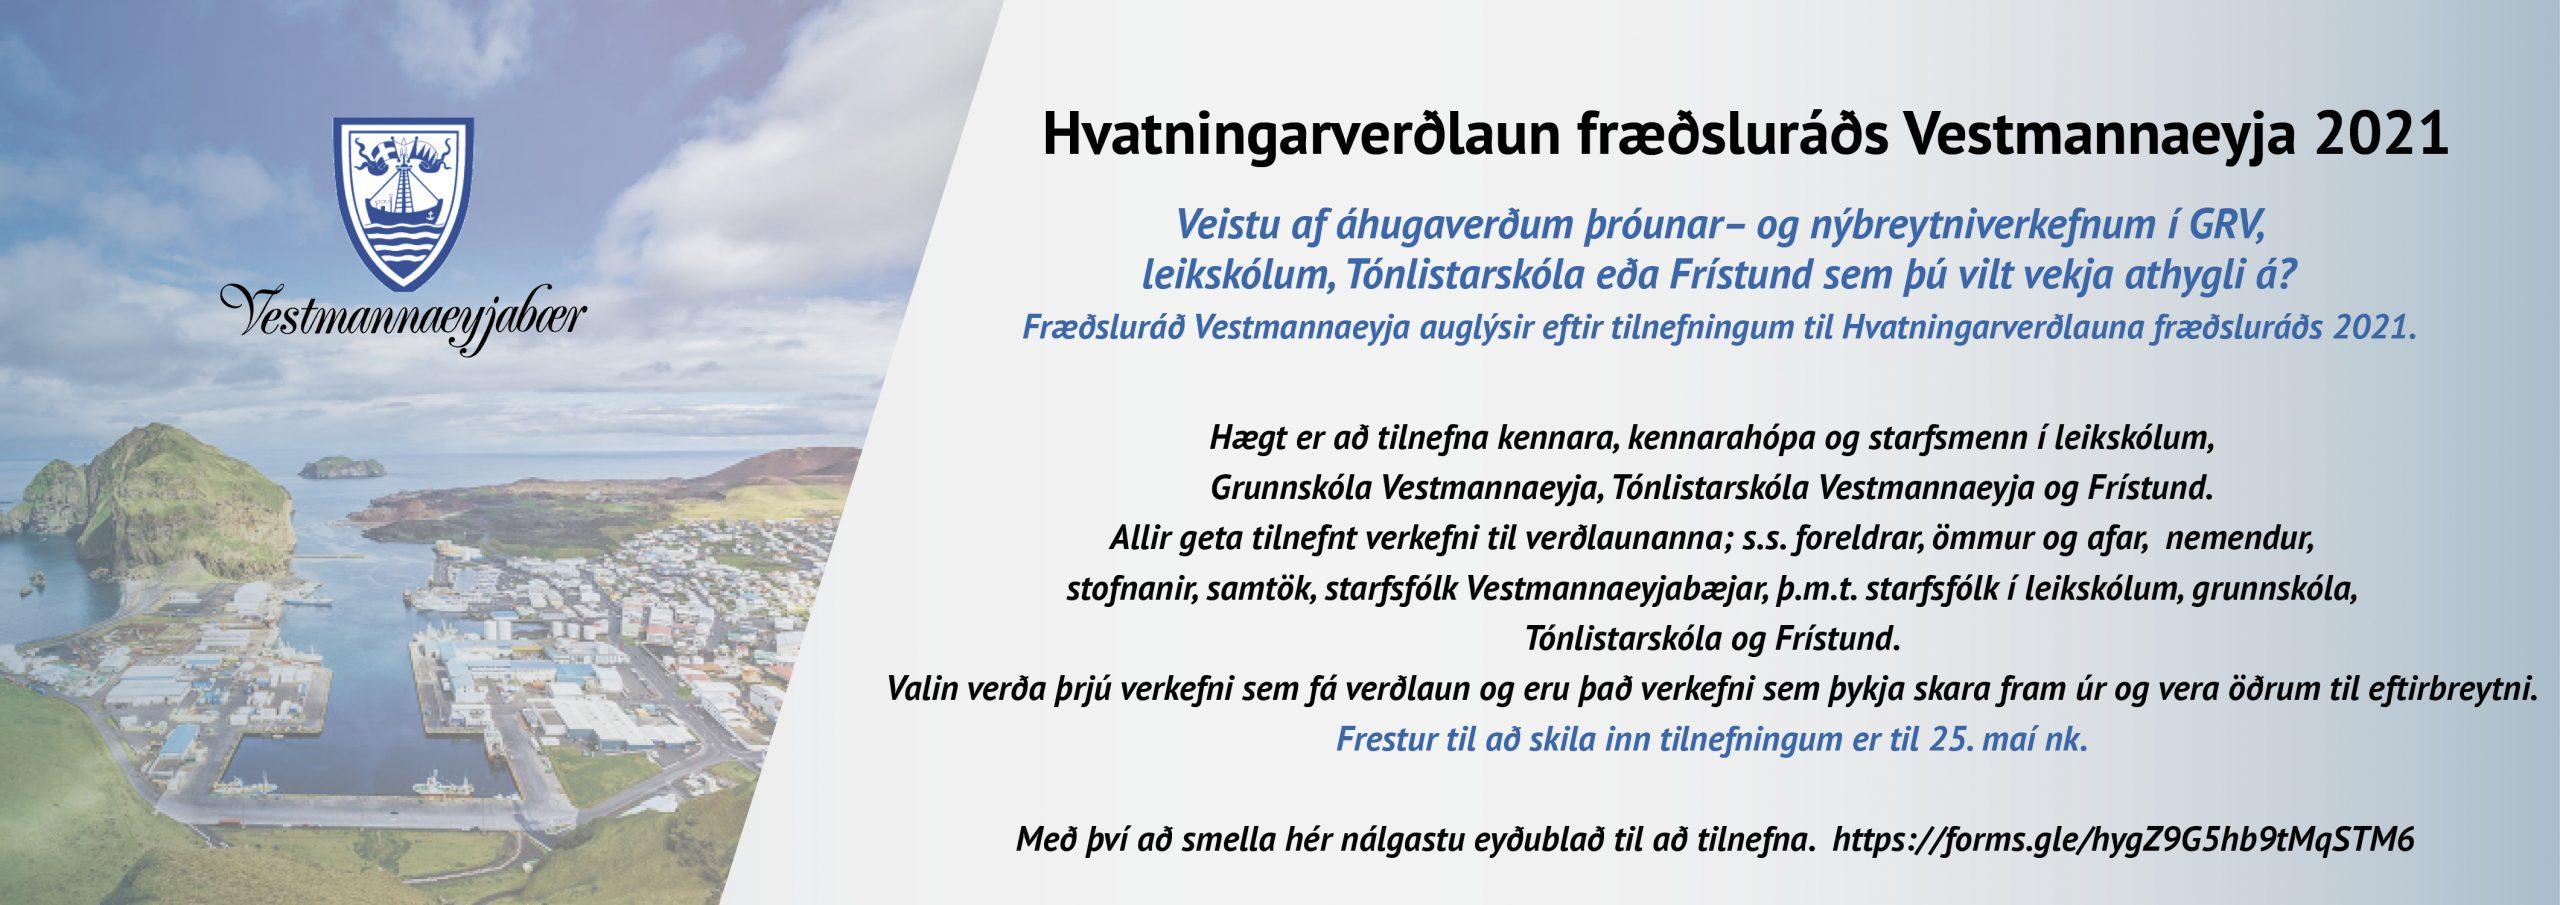 VMB Hvatningarverðlaun